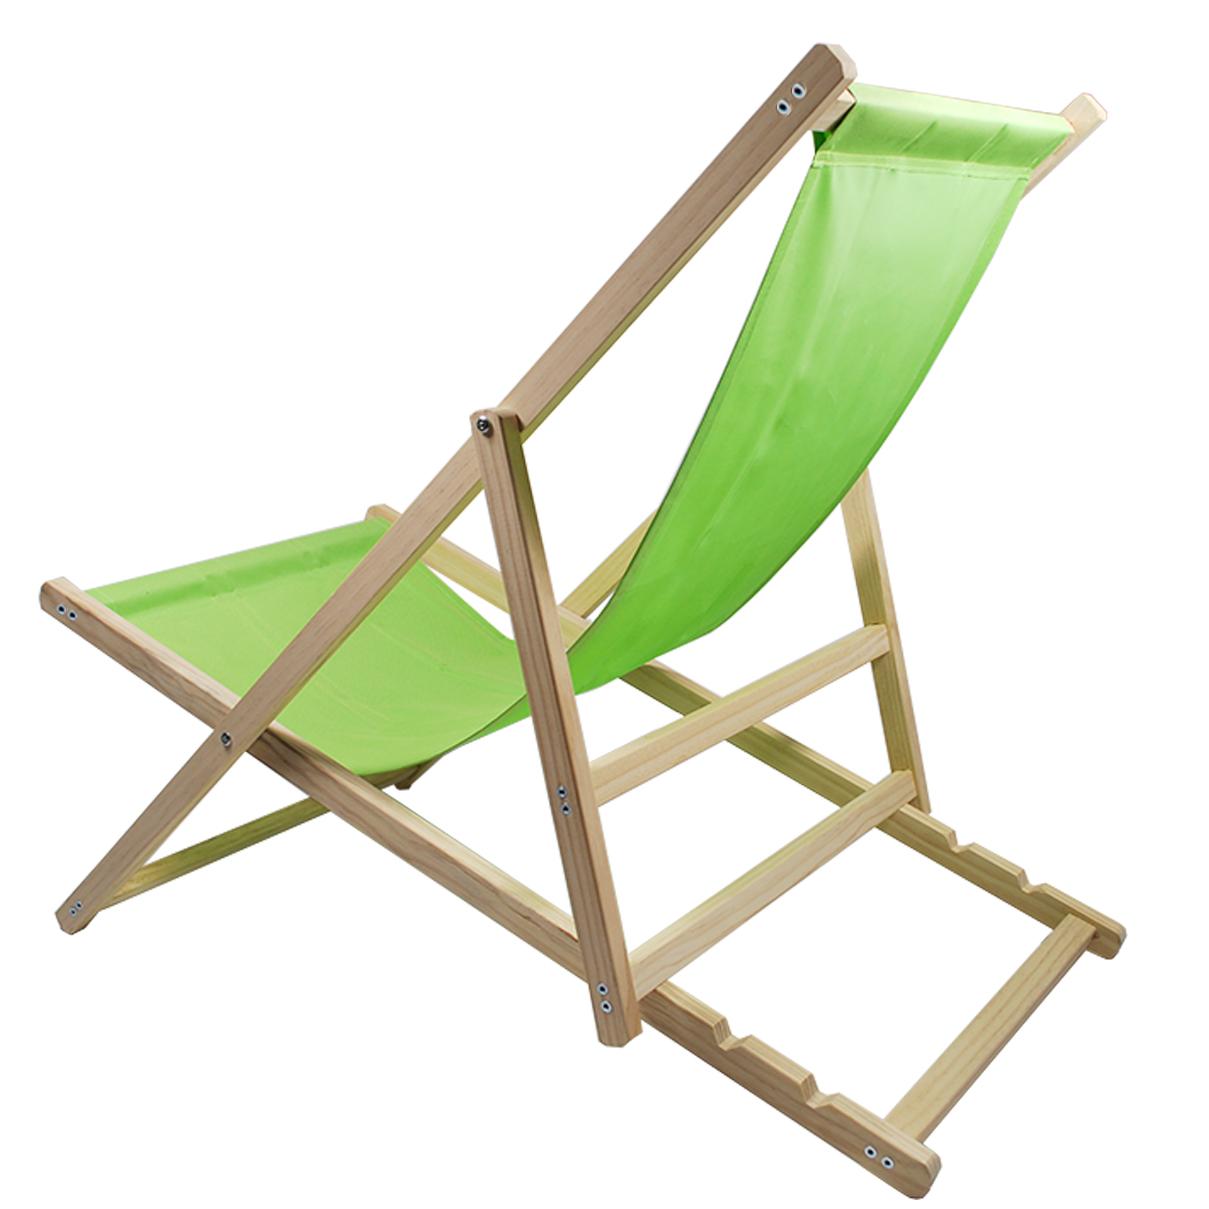 Full Size of Liegestuhl Strandliege Sonnenliege Holz Garten Liege Klapp 120 Kg Holzküche Bett Massivholz 180x200 Sichtschutz Holztisch Altholz Esstisch Modulküche Wohnzimmer Liegestuhl Holz